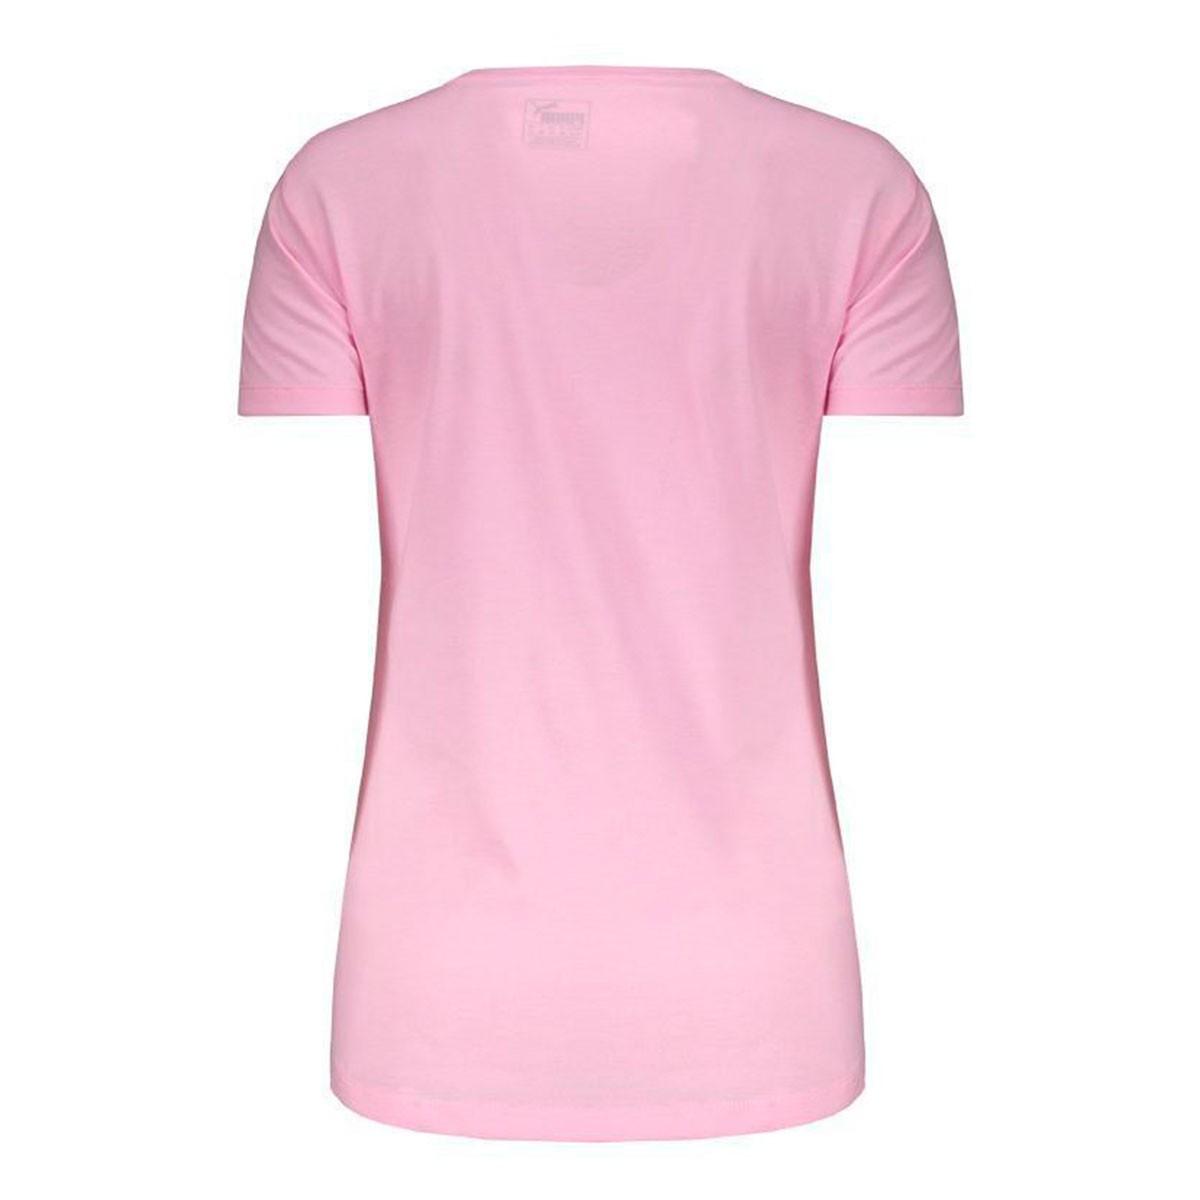 Camiseta Puma Essentials heather tee Feminino - Rosa